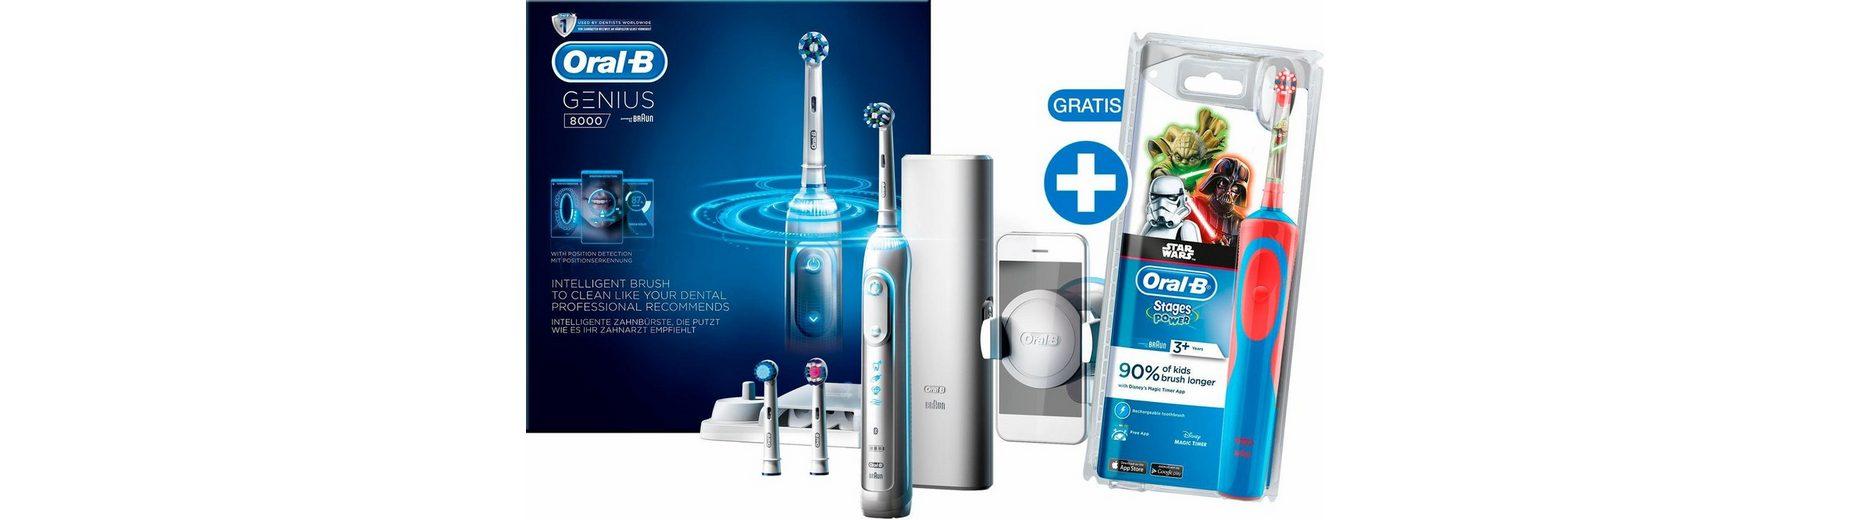 Oral-B Elektrische Zahnbürste Genius 8000, inklusive gratis Stages Power Kids Star Wars Zahnbürste